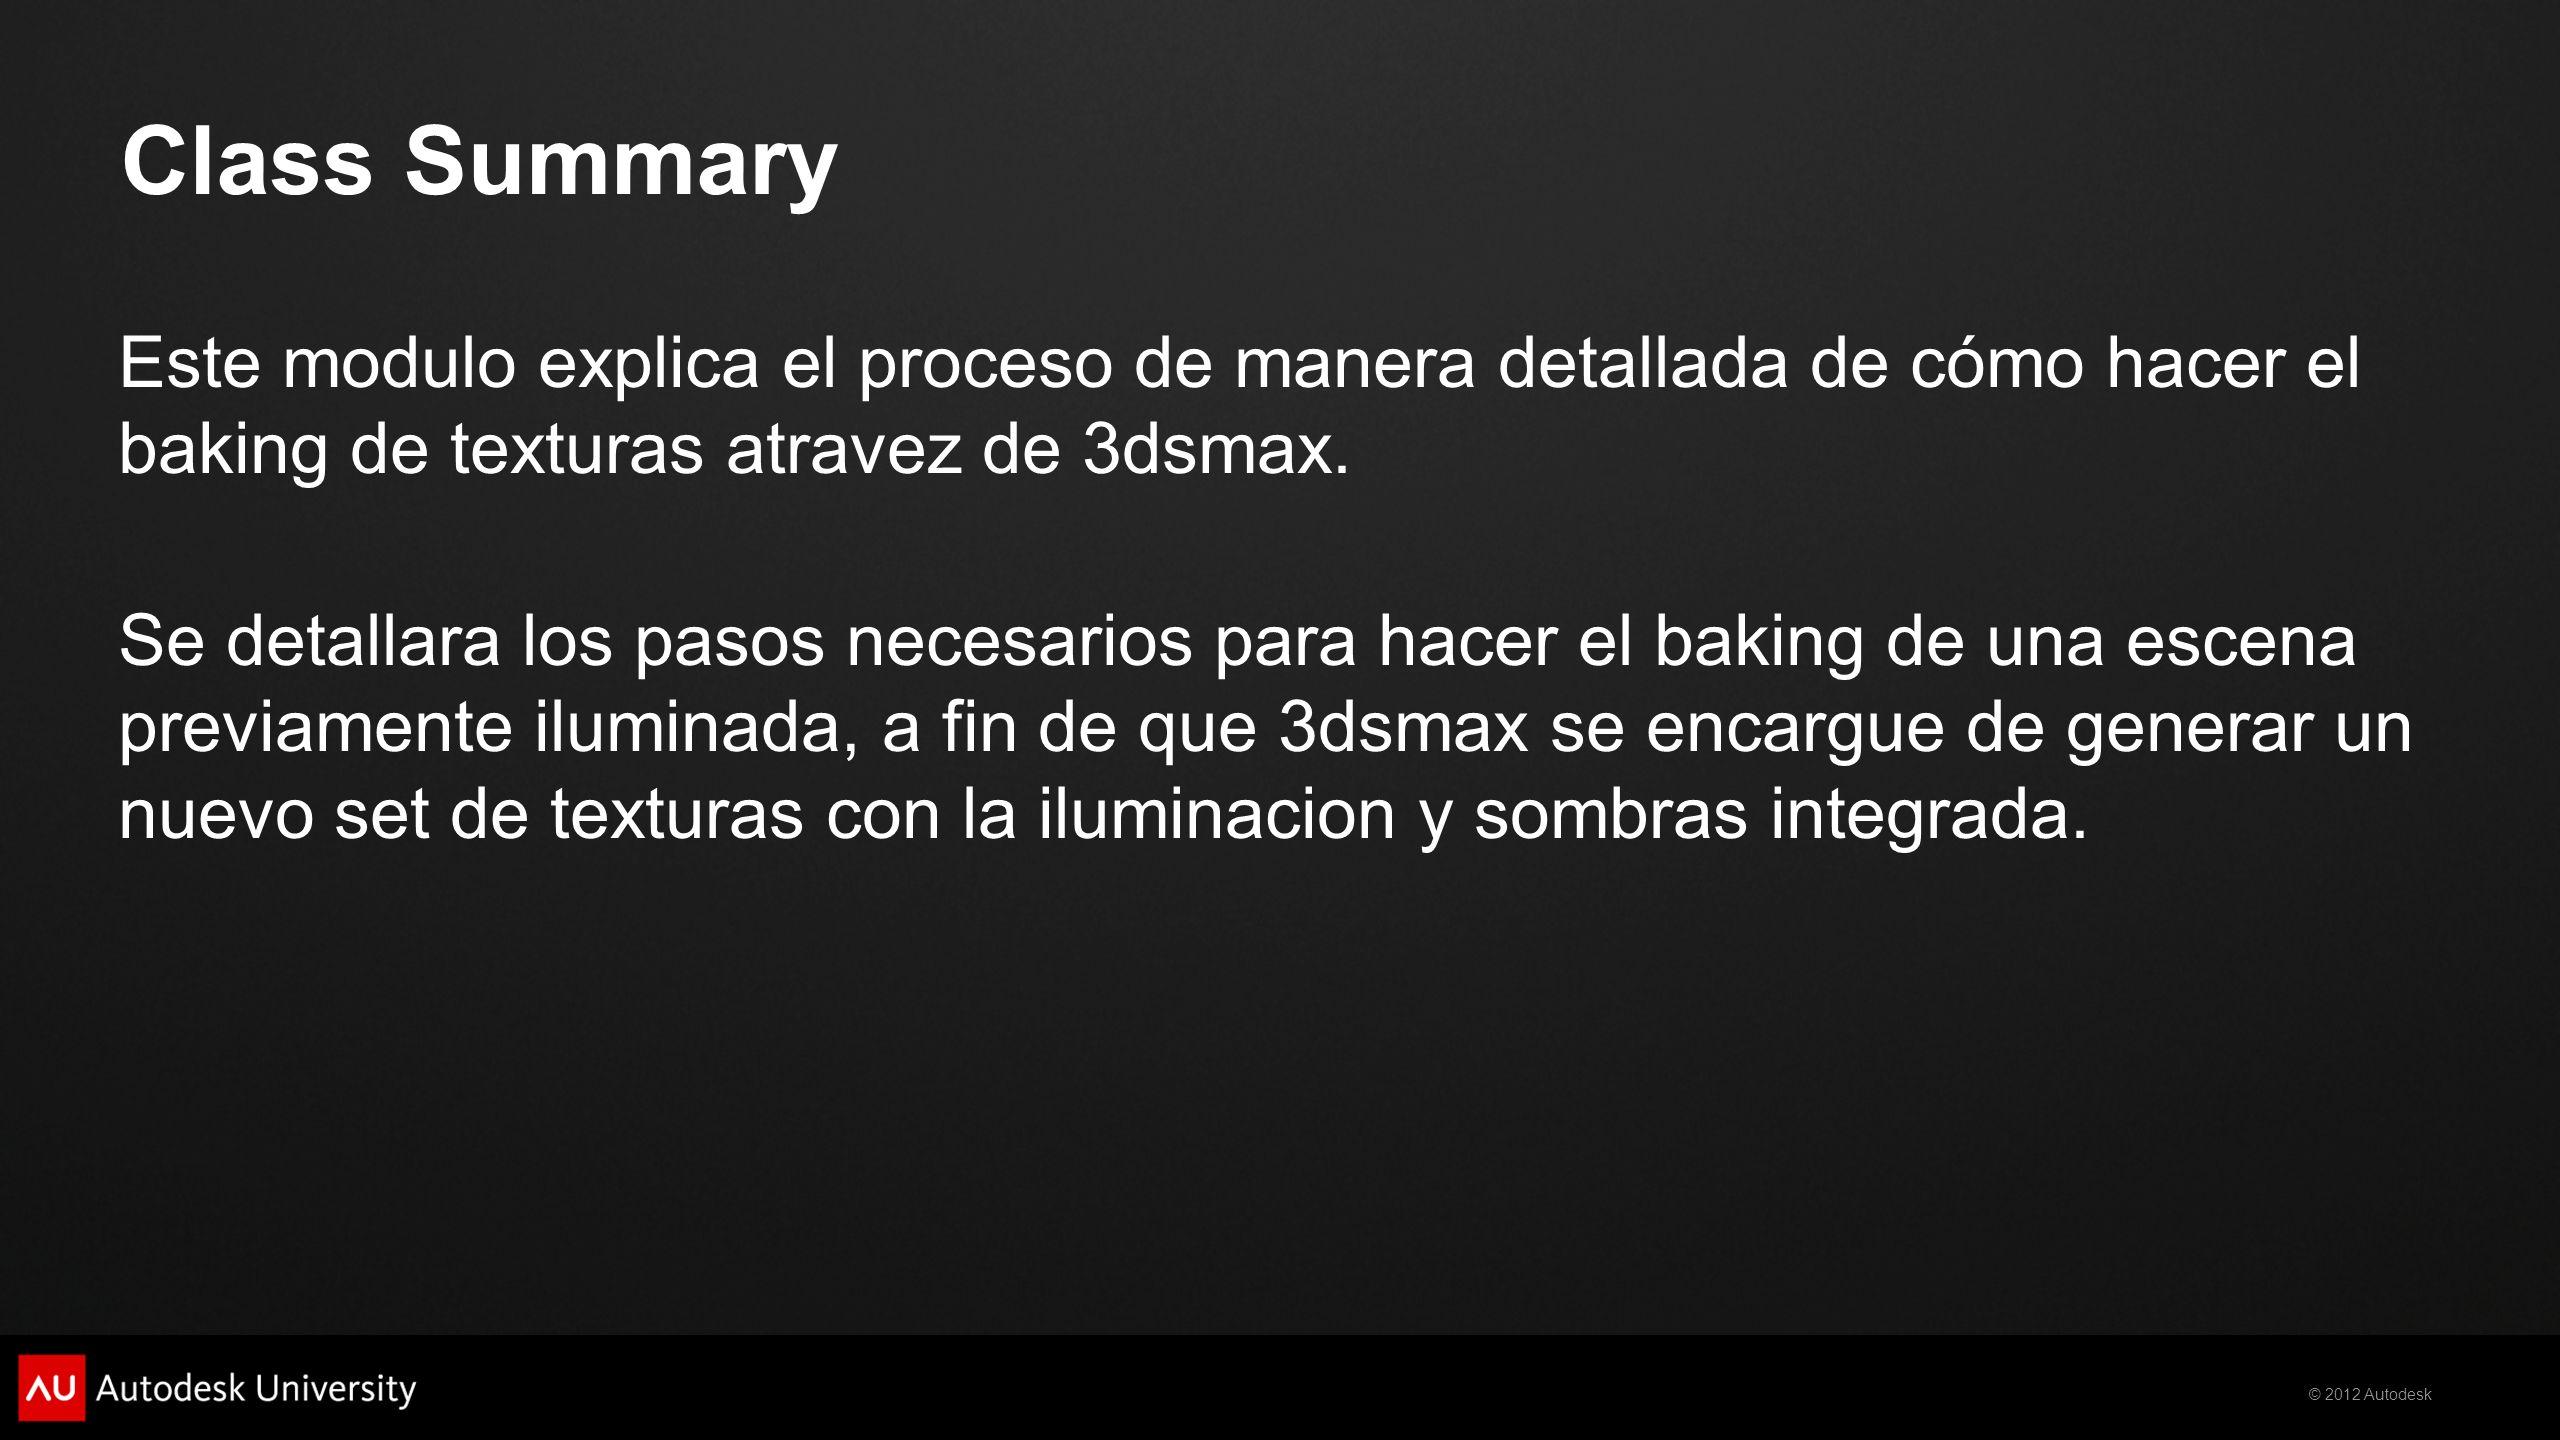 © 2012 Autodesk Class Summary Este modulo explica el proceso de manera detallada de cómo hacer el baking de texturas atravez de 3dsmax. Se detallara l